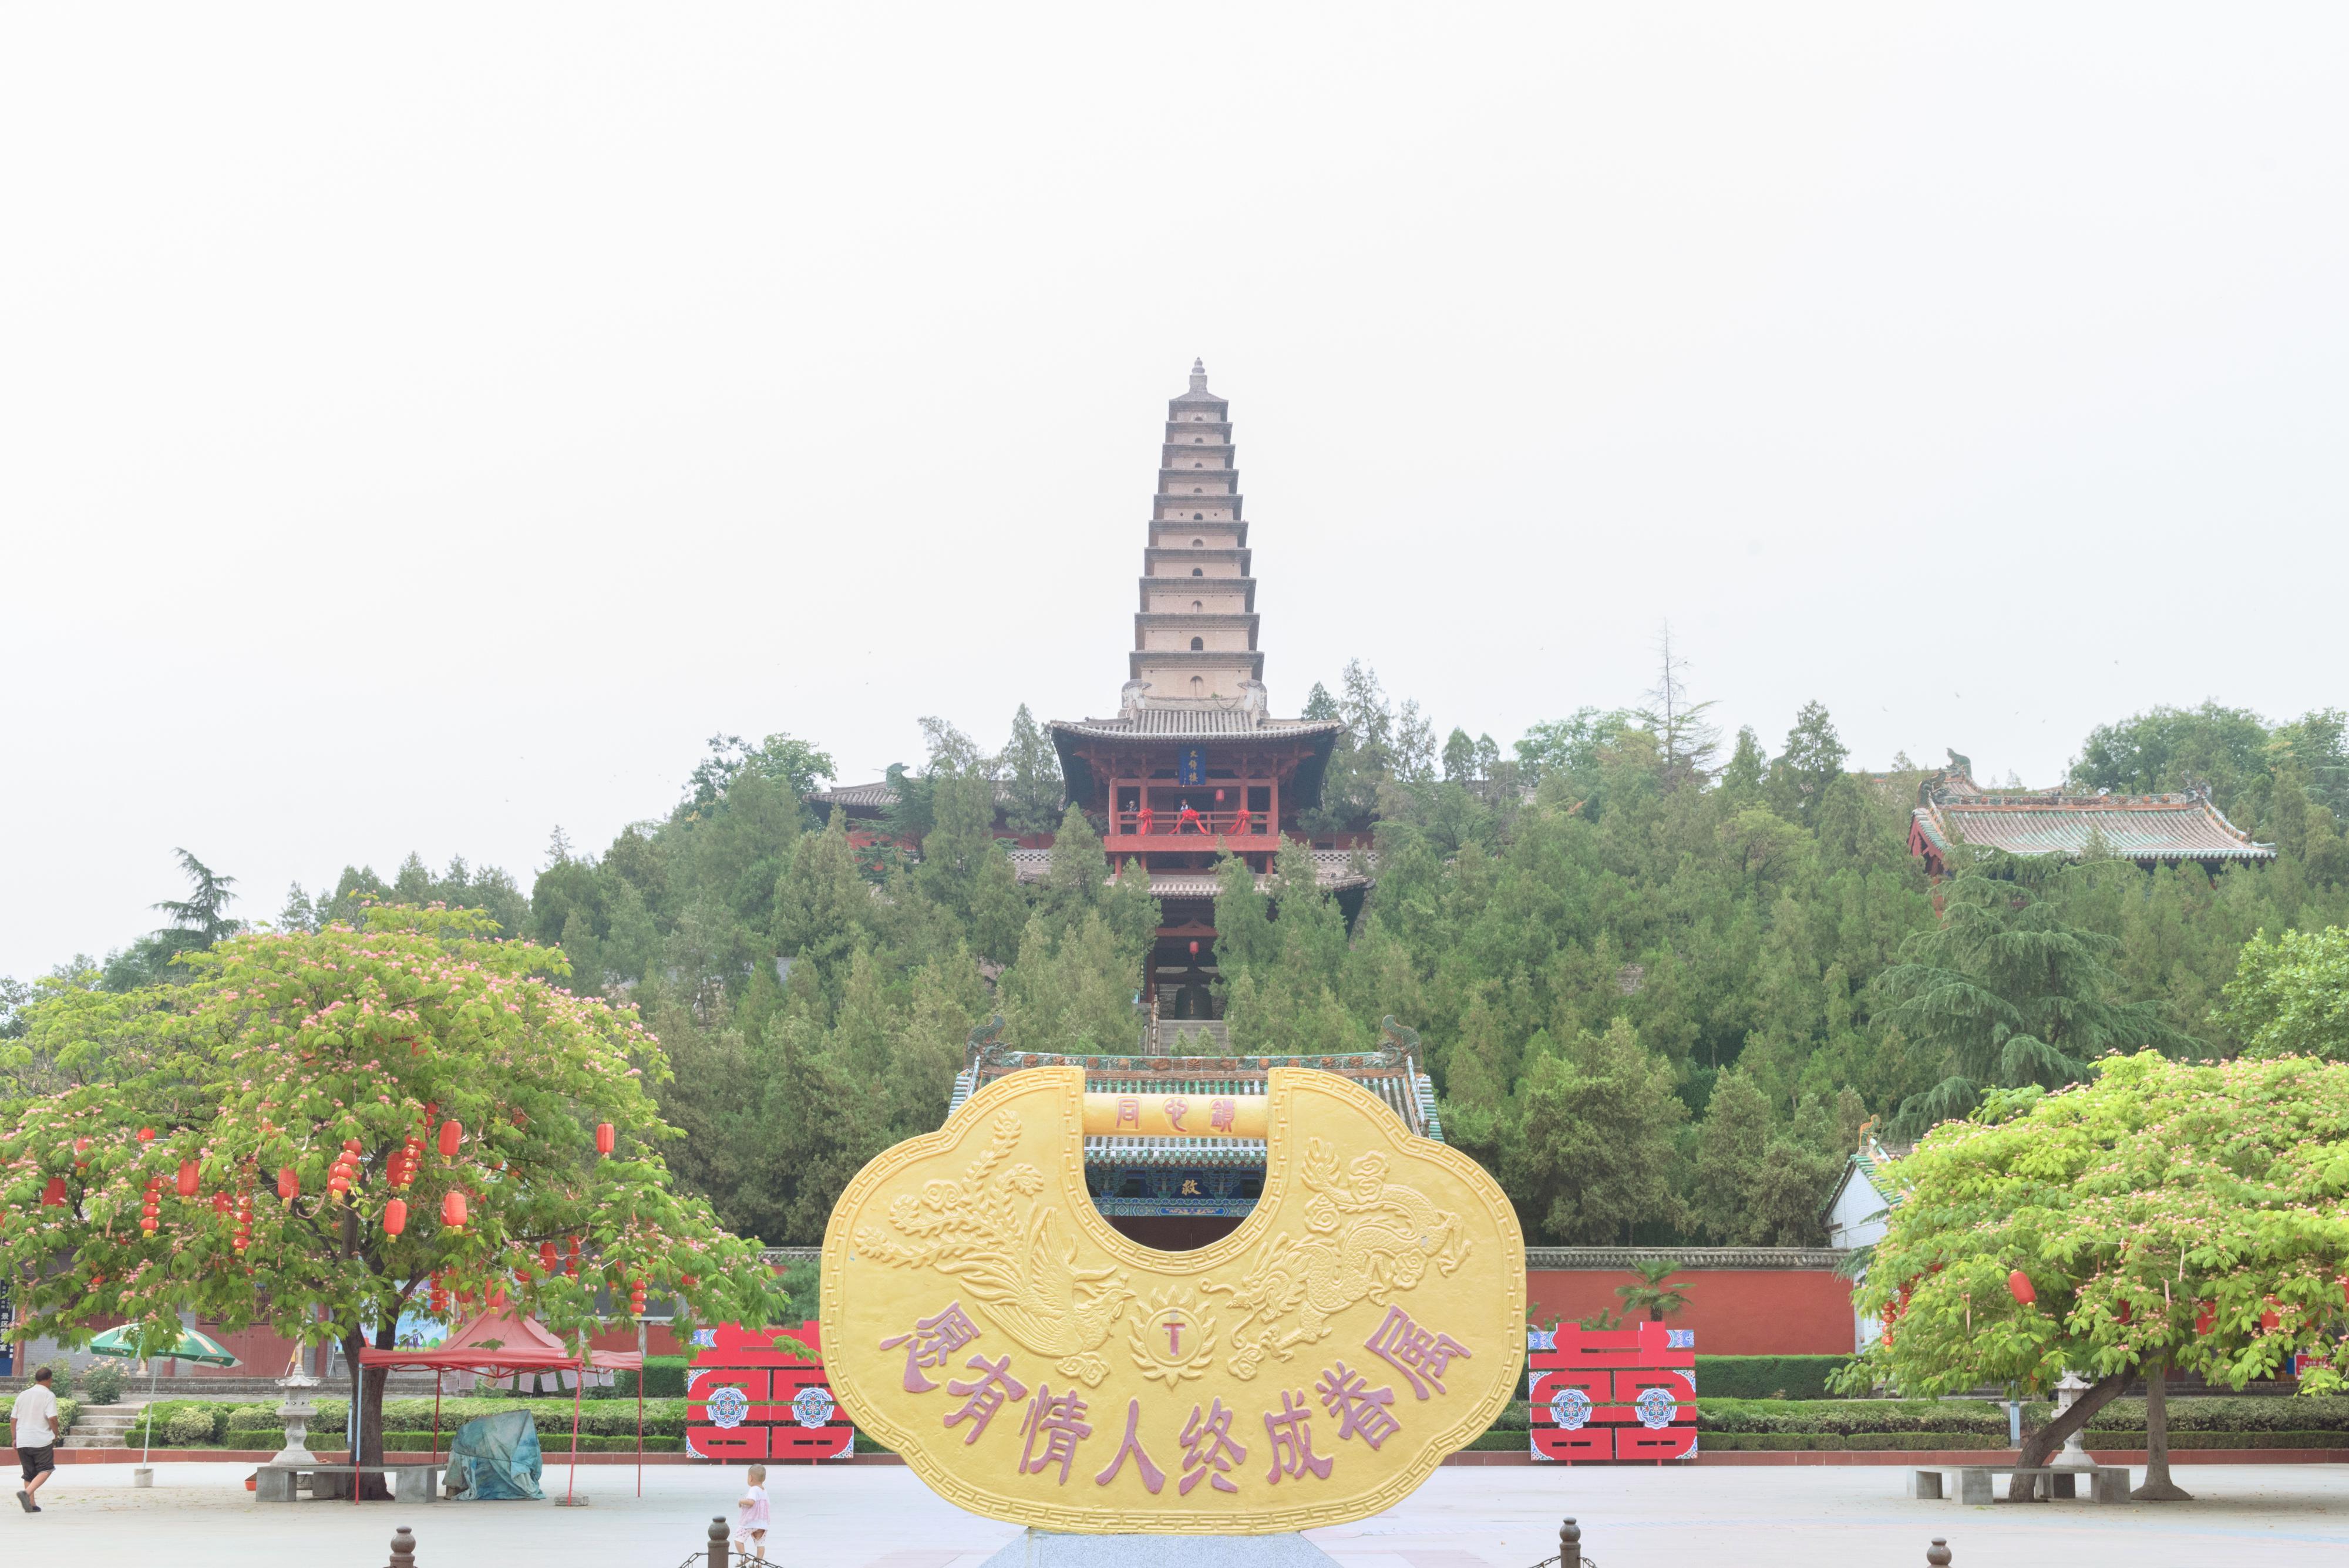 Pujiu Temple